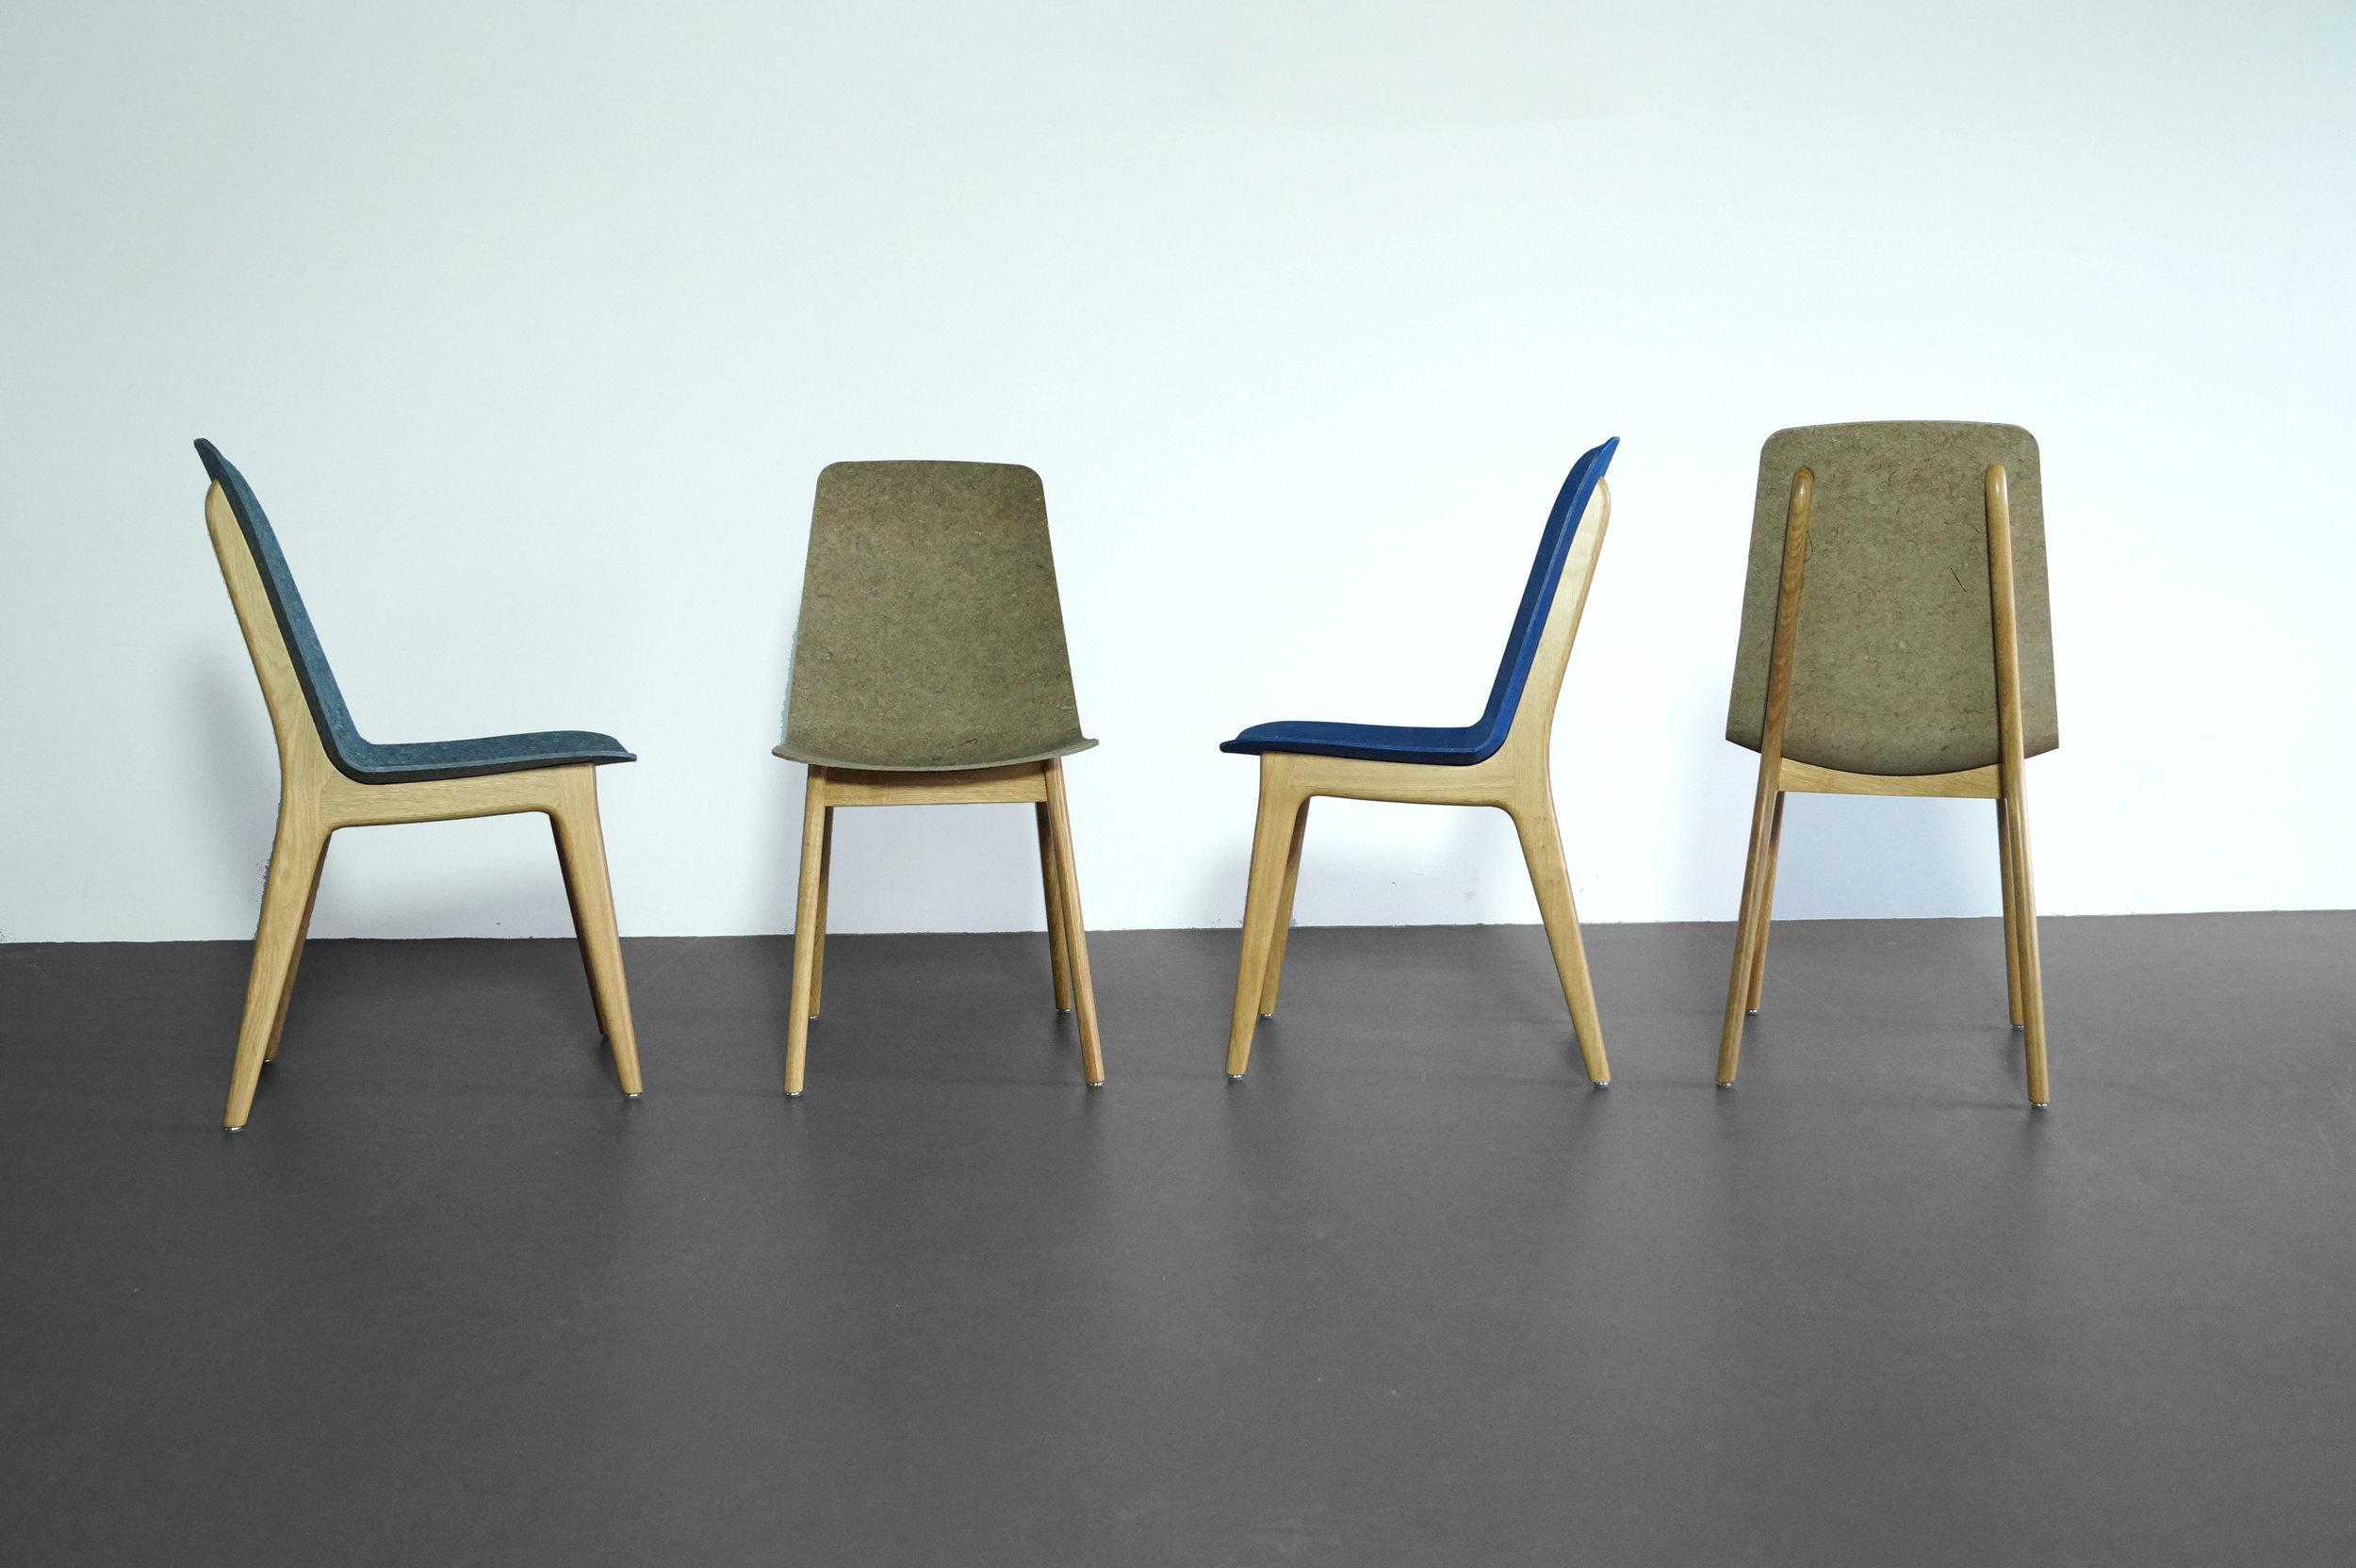 Planq_Unuusual_Chair_duurzame_stoel_circulair.jpg